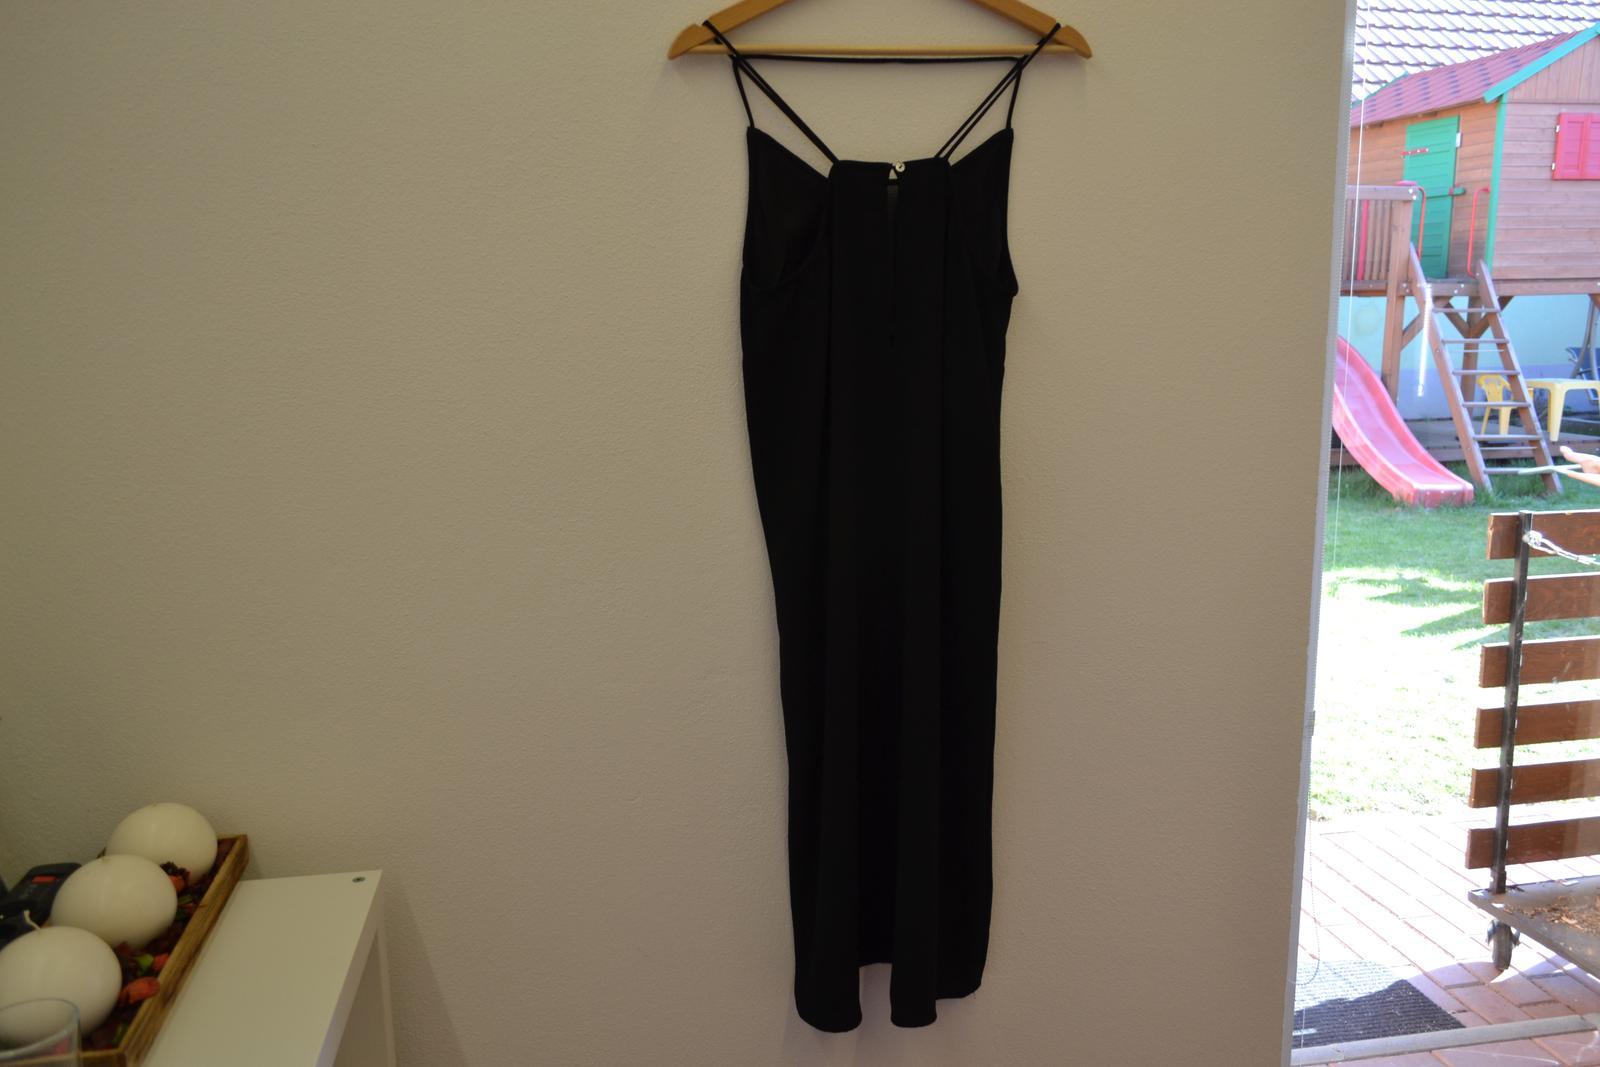 Šaty H&M  - Obrázek č. 3